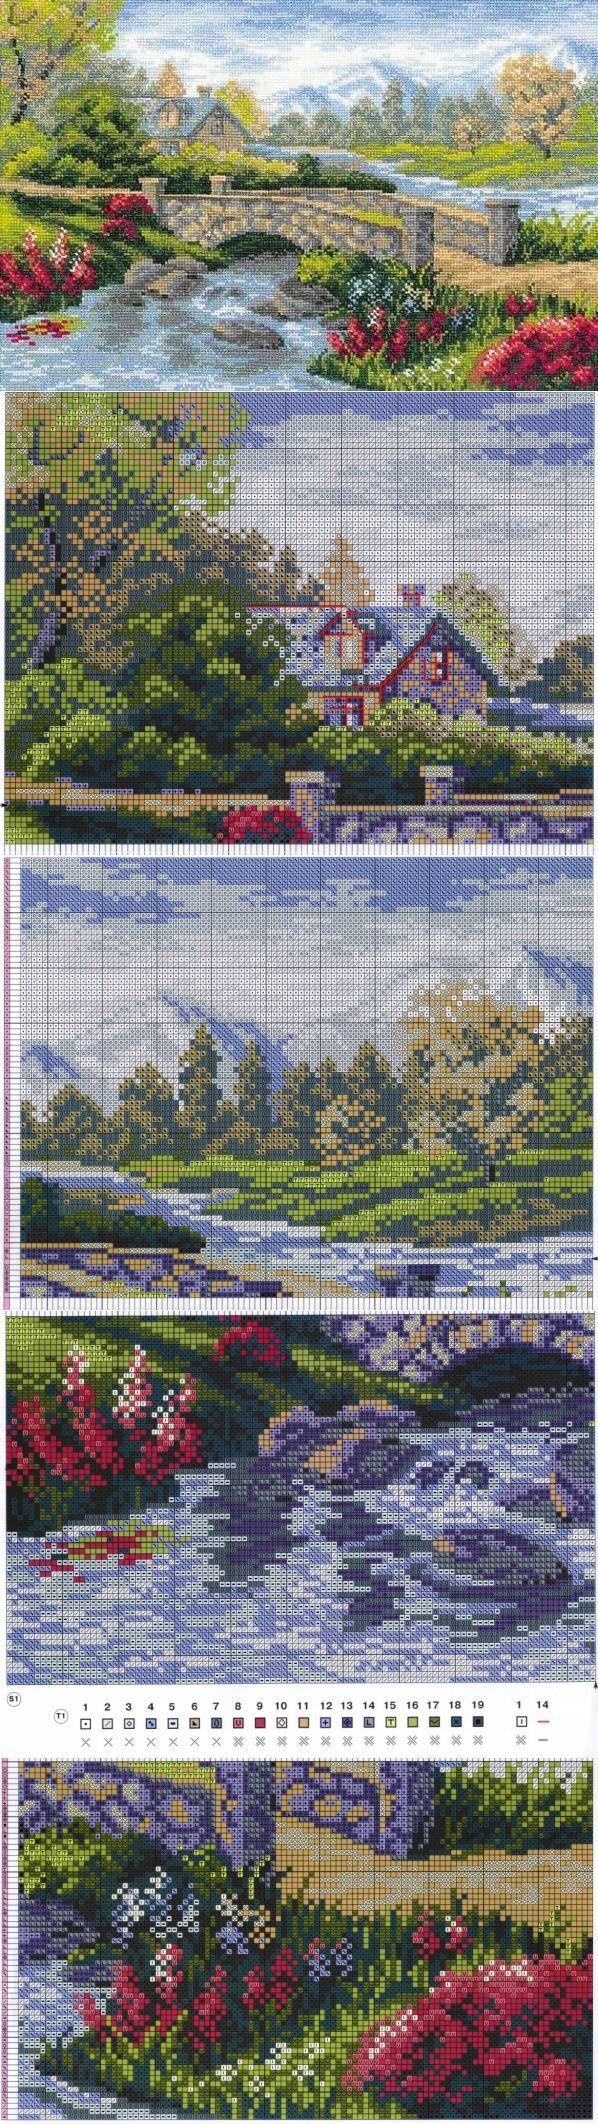 El paisaje veraniego el Esquema del bordado »el Bordado, el bordado por la cruz, el bordado del esquema